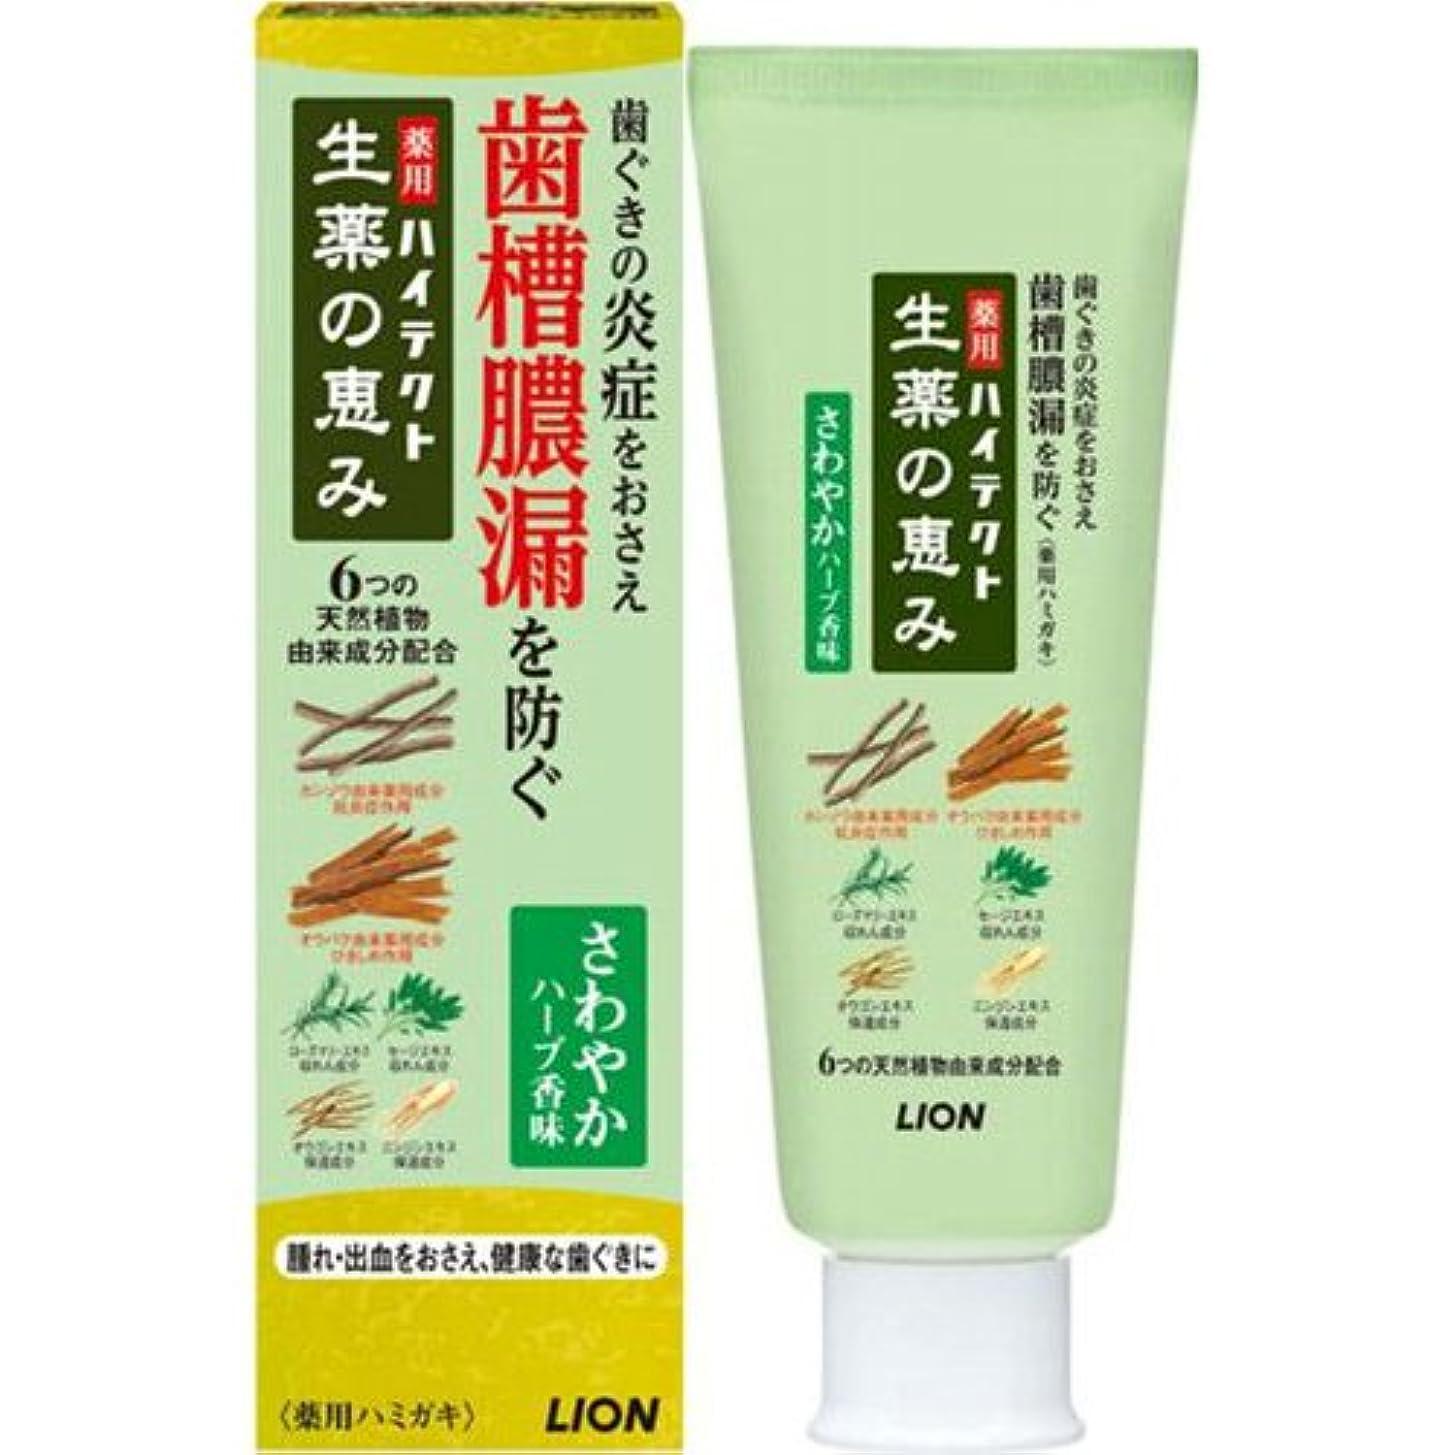 ゼリー治世政治的【ライオン】ハイテクト 生薬の恵み さわやかハーブ香味 90g ×3個セット